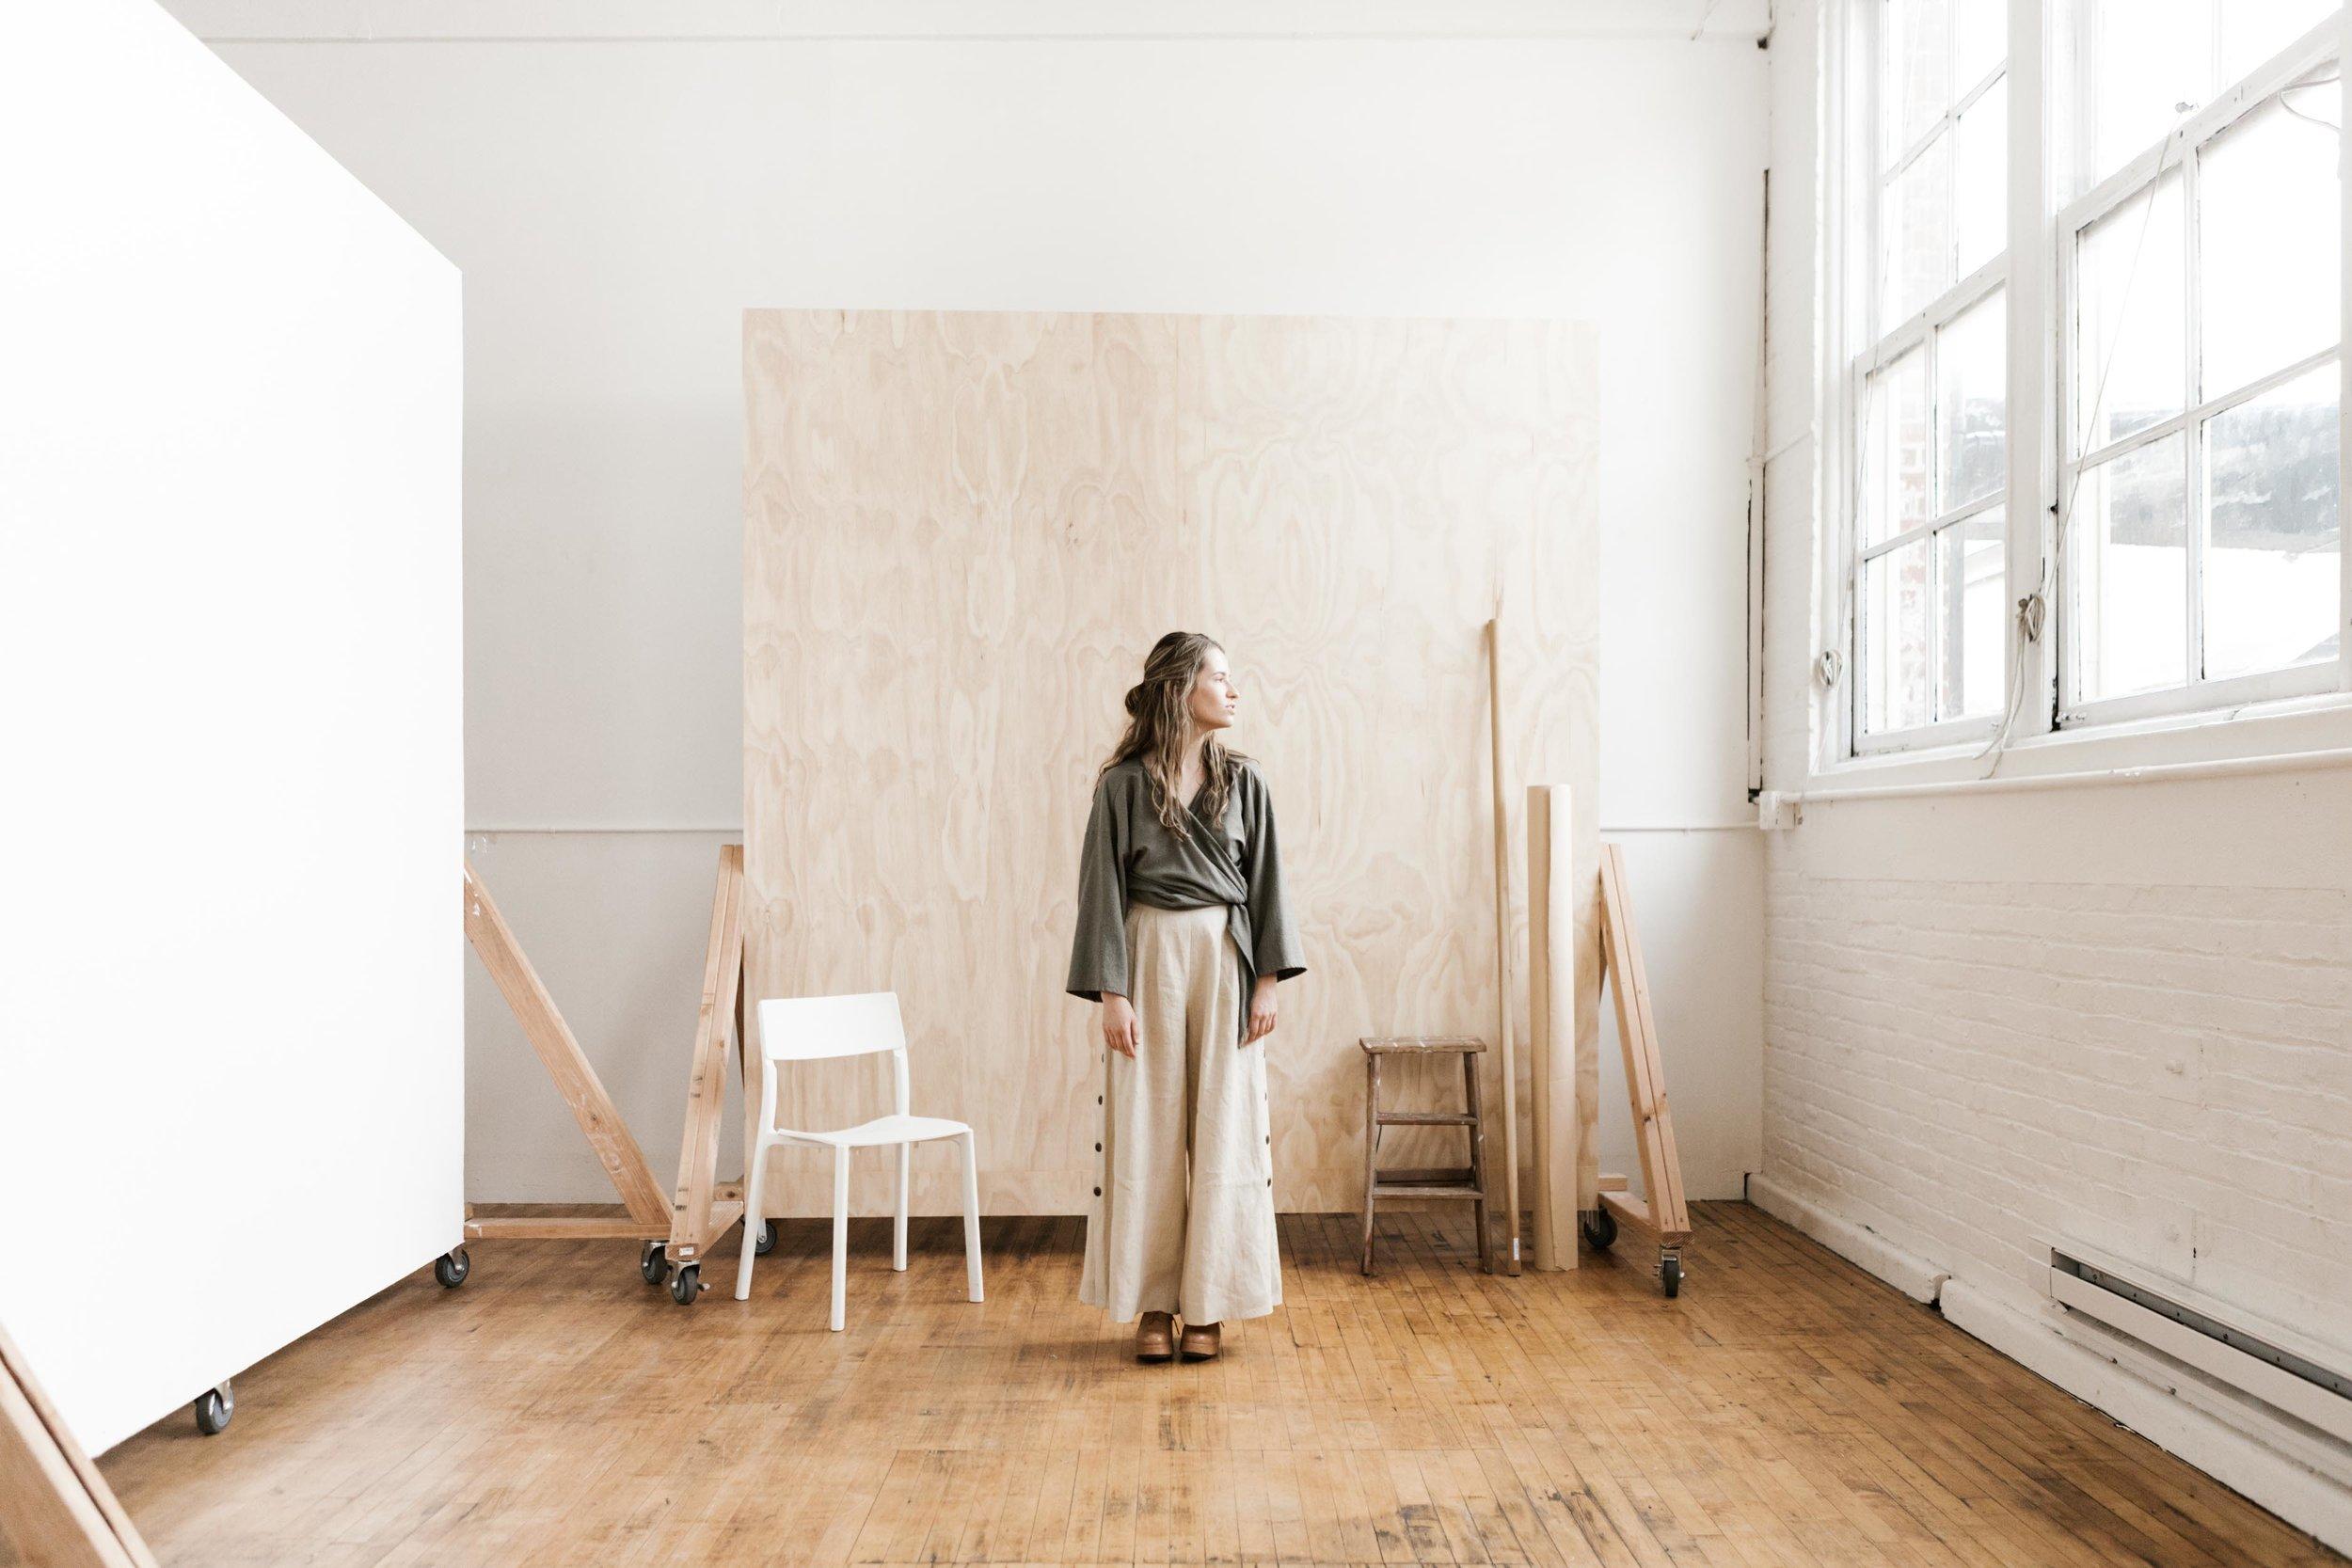 III - About the Studio